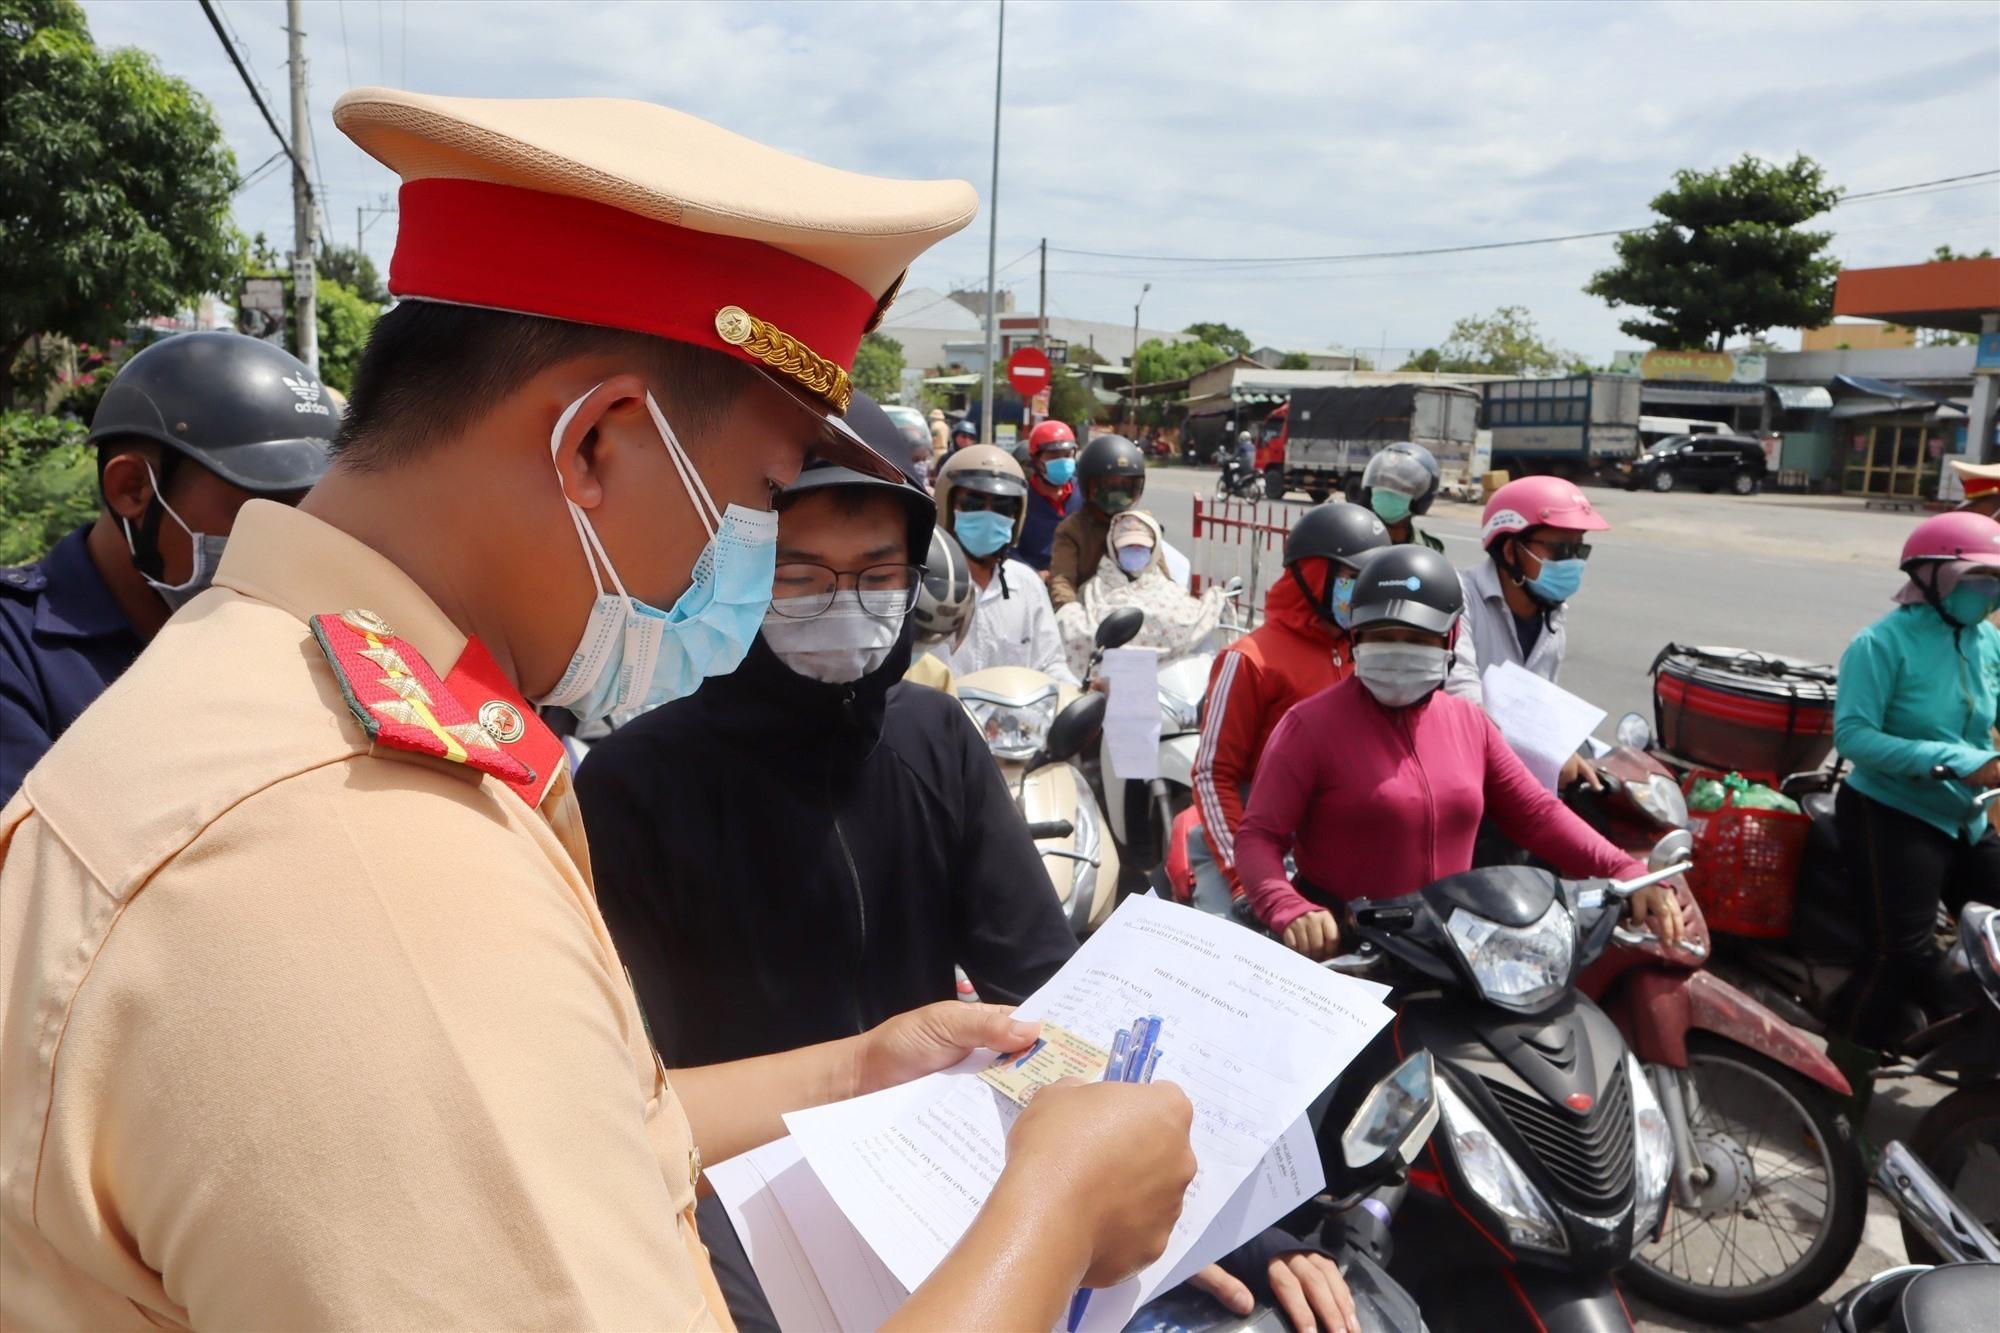 Lực lượng chức năng kiểm tra kỹ càng các giấy tờ để sàng lọc trường hợp được qua chốt. Ảnh: Q.T